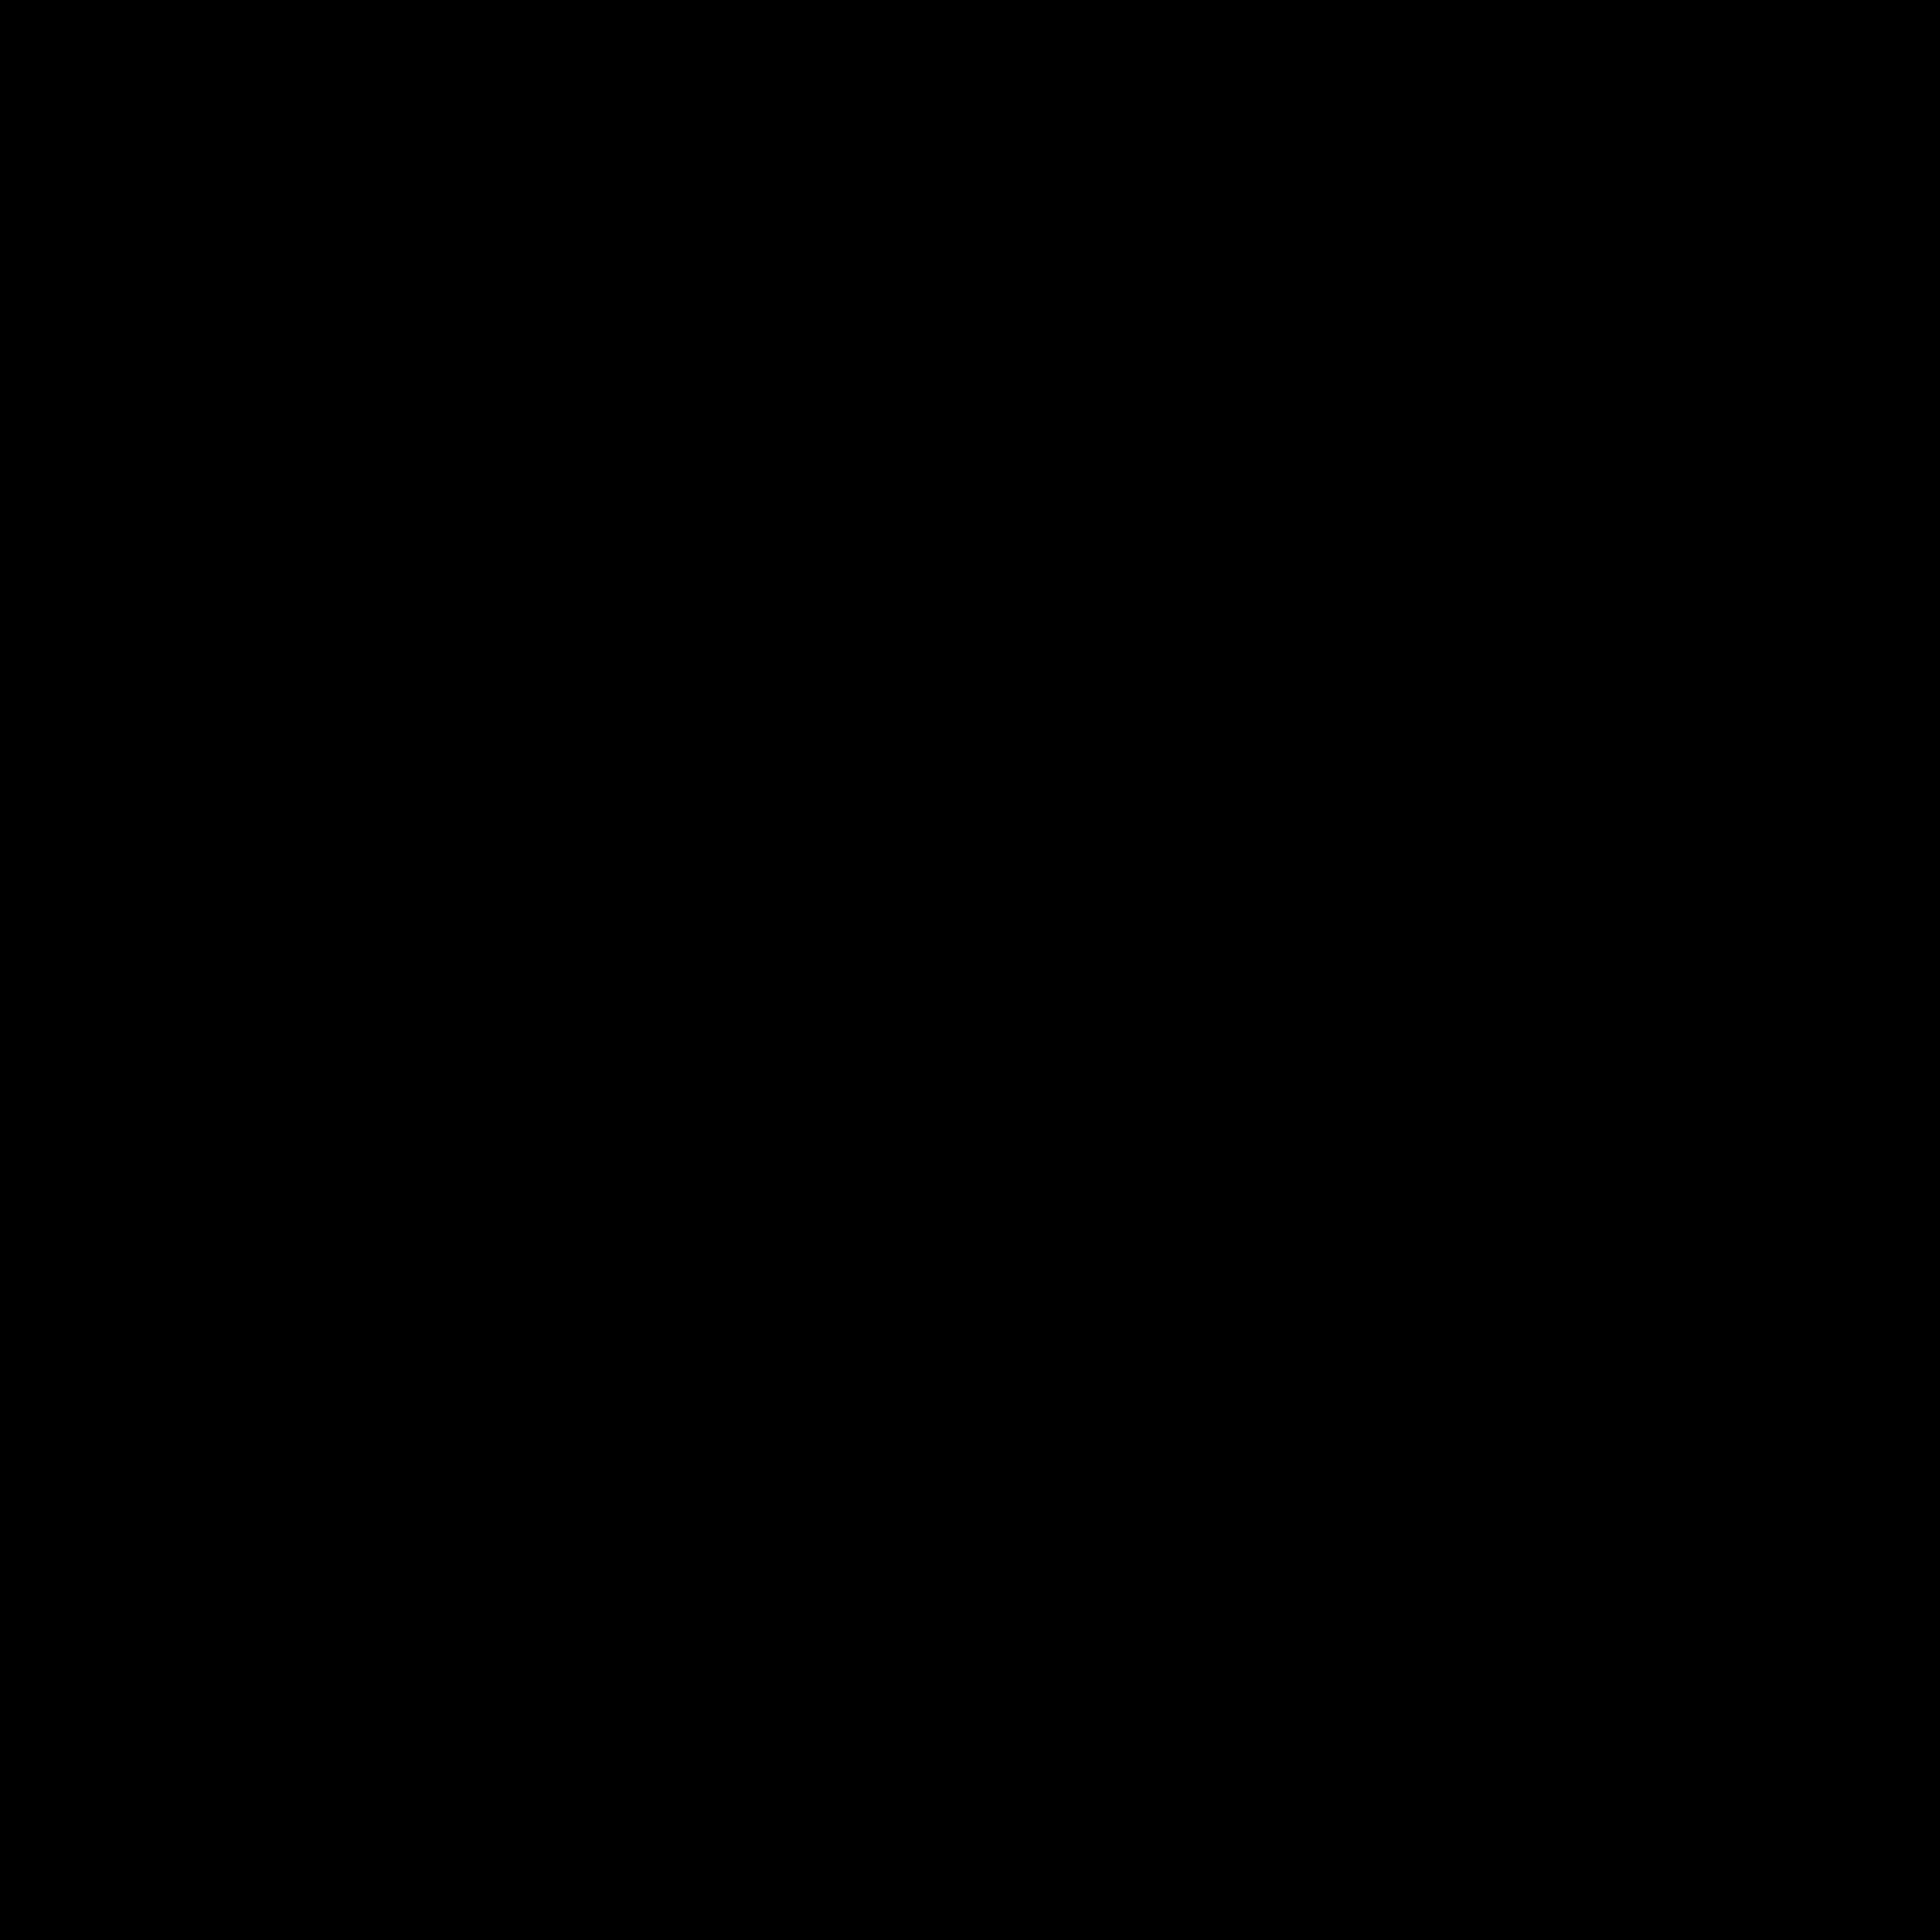 סימן כוכב שמש